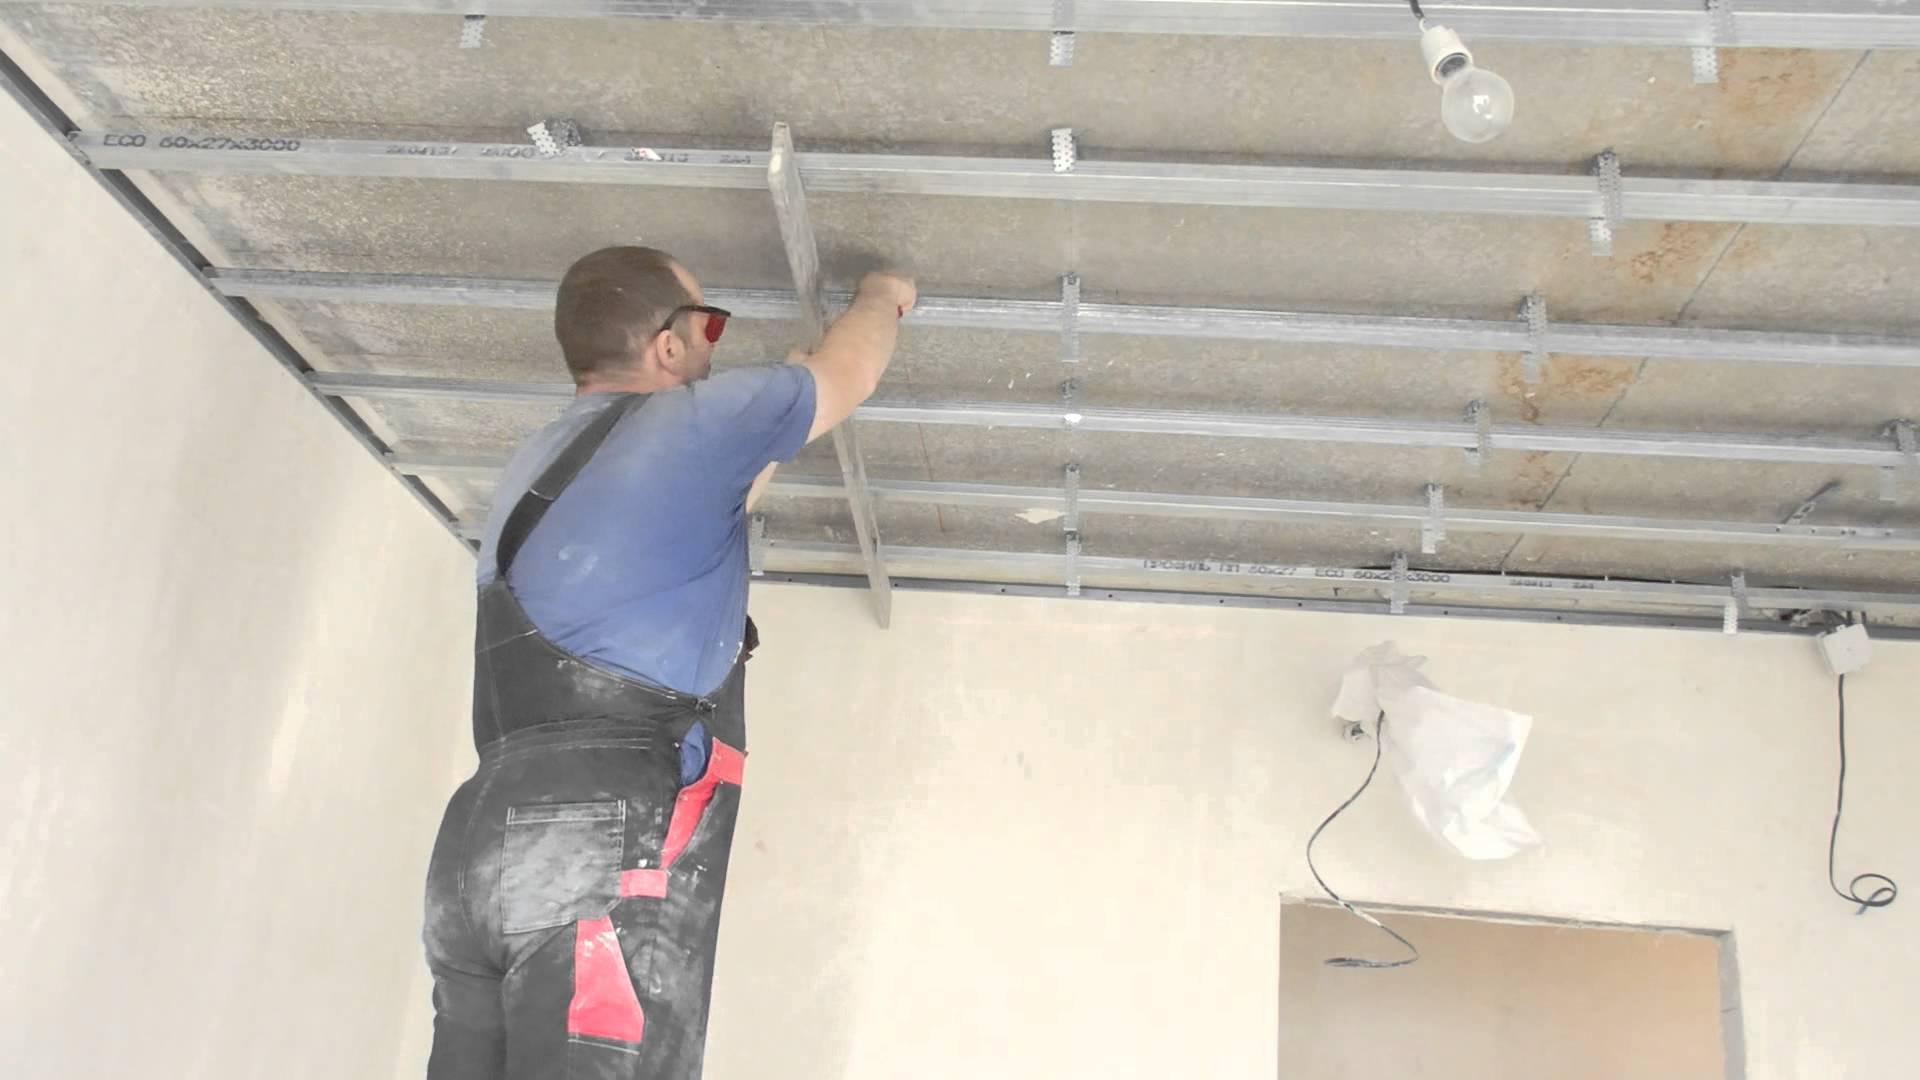 Как правильно делать монтаж гипсокартона на потолок: краткая инструкция